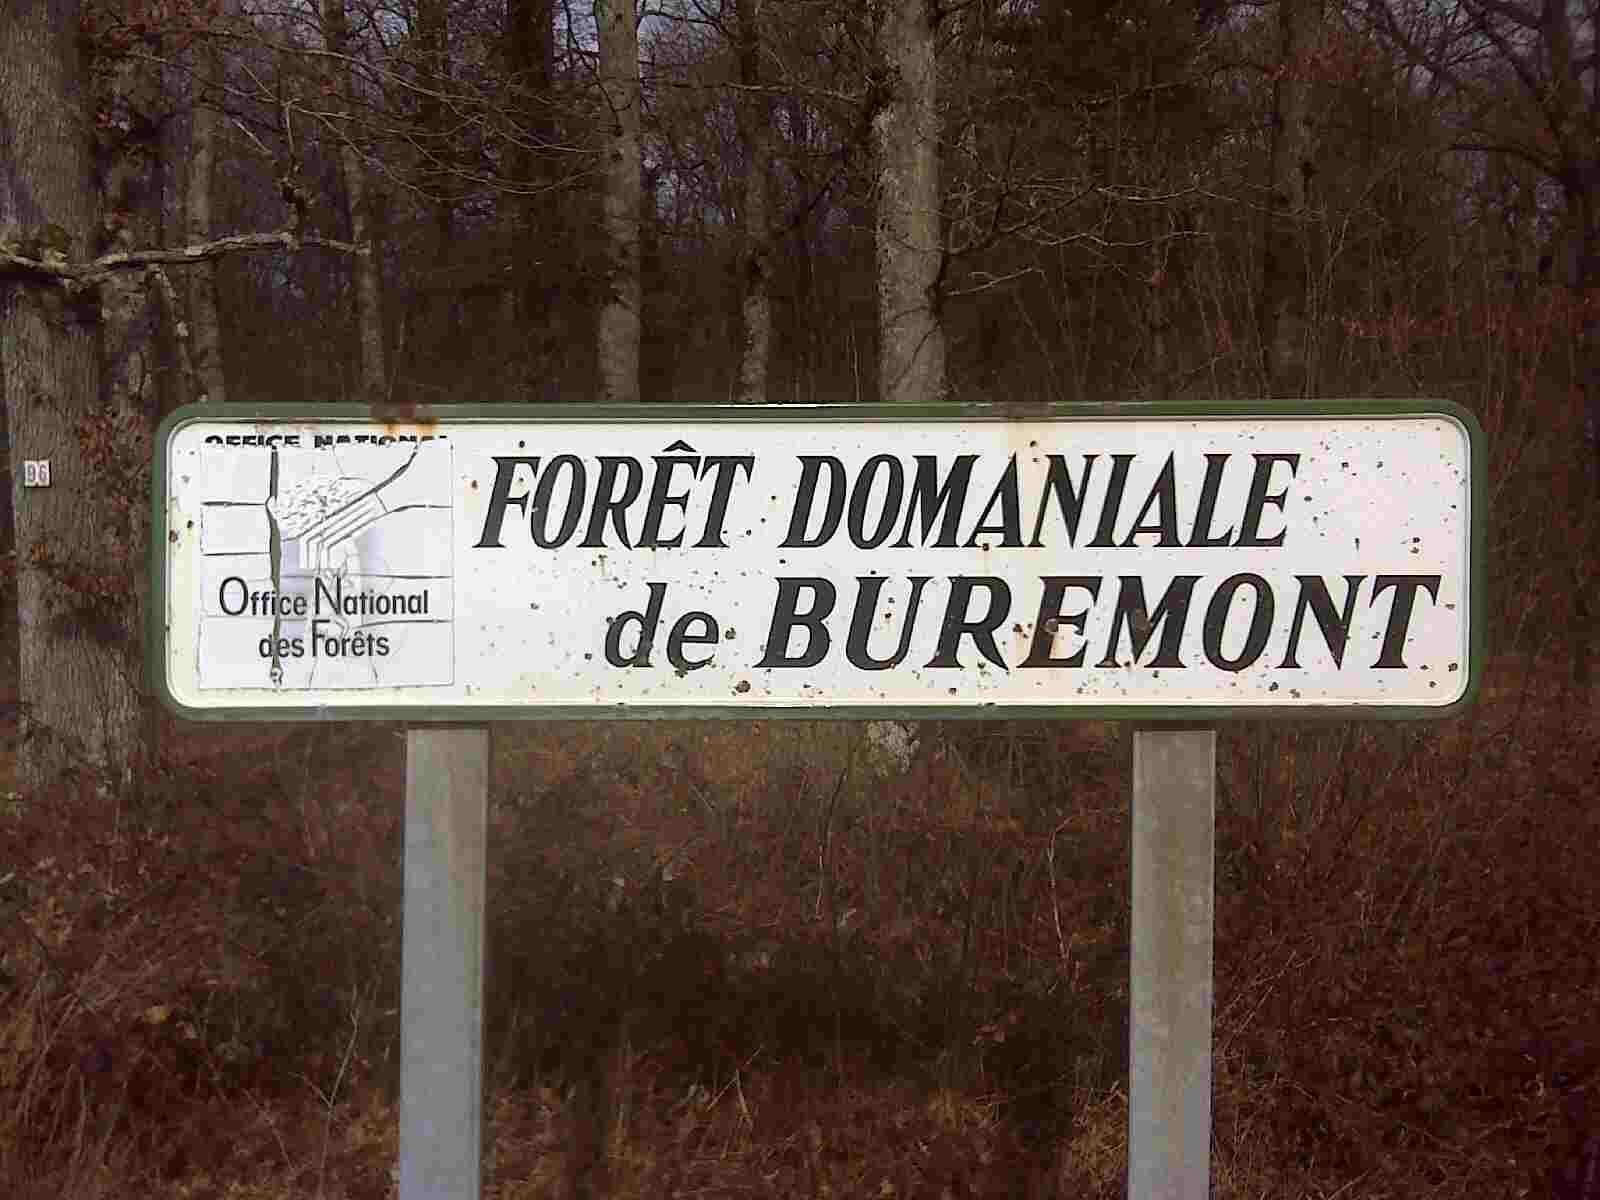 Forêt Domaniale de Buremont